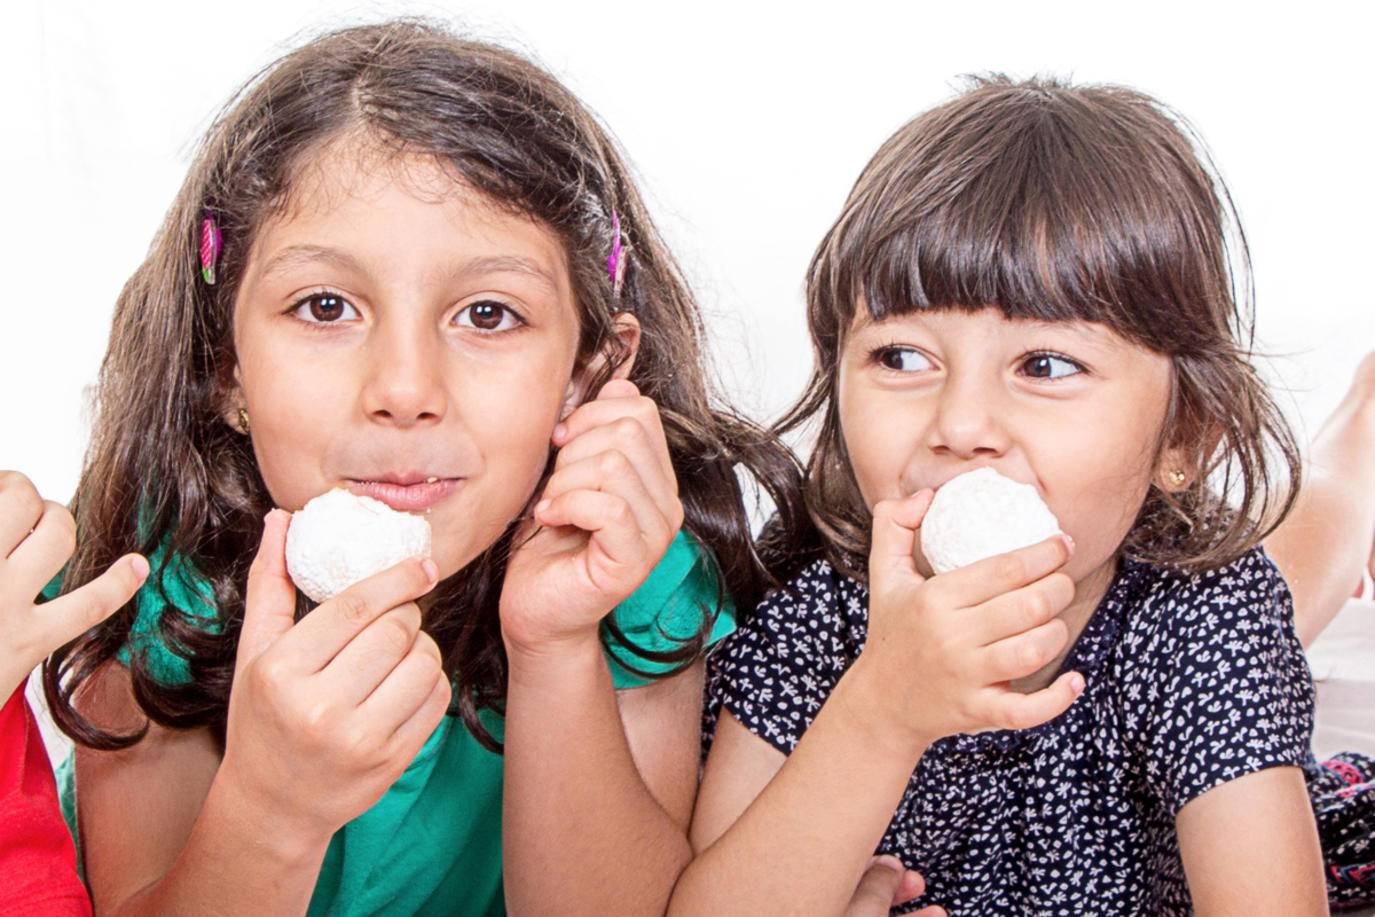 يتناول الأطفال الحلويات المصنعة من السمن الصناعي بكثرة